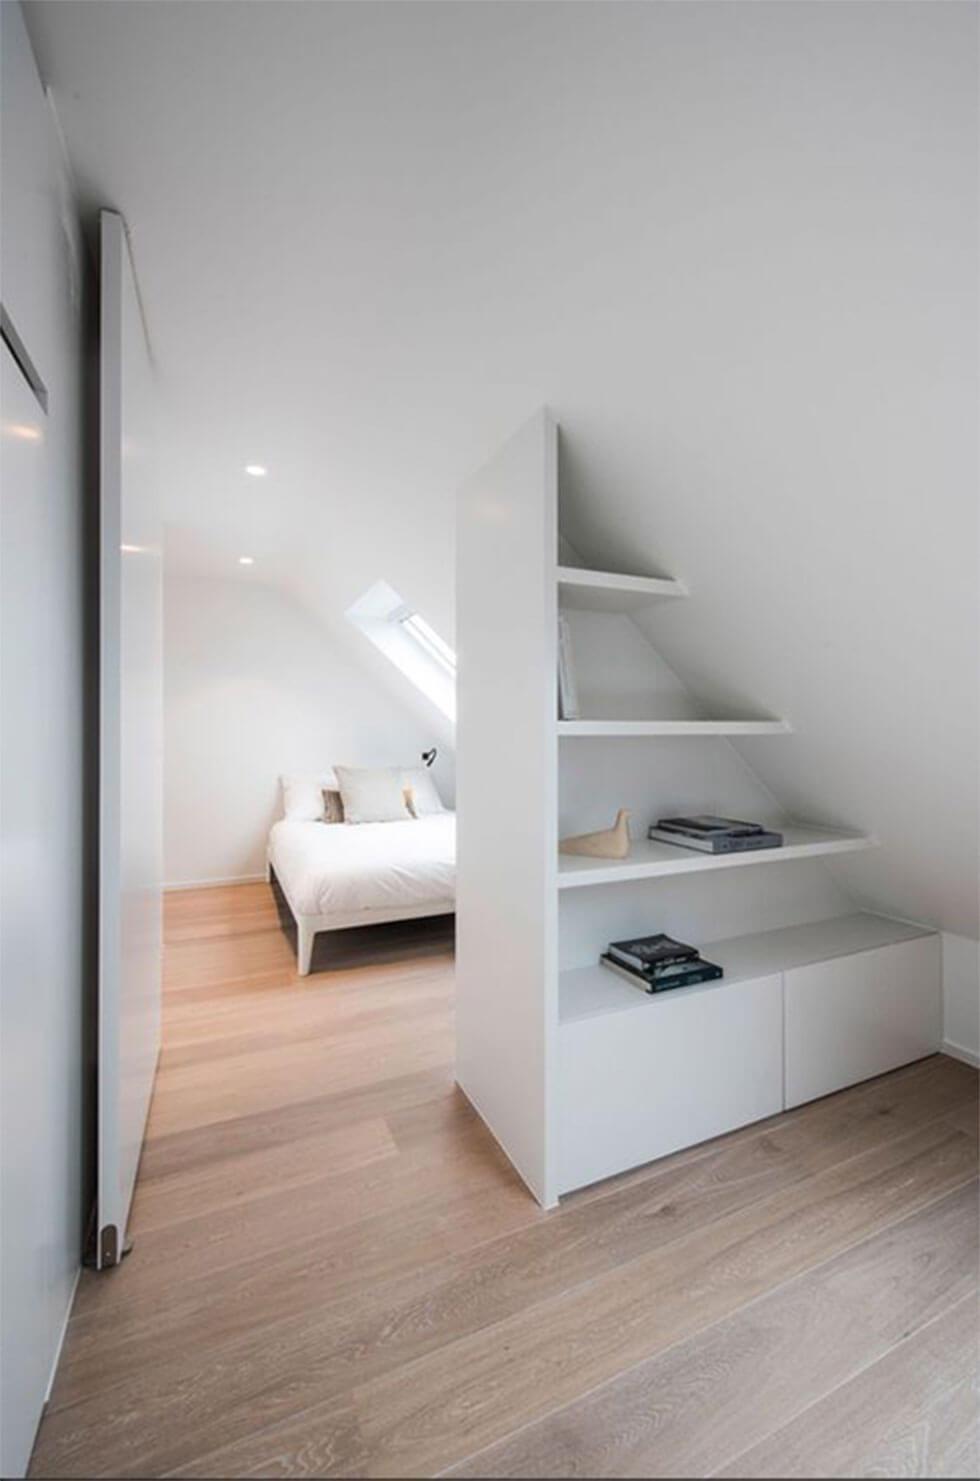 Minimalist and white loft bedroom